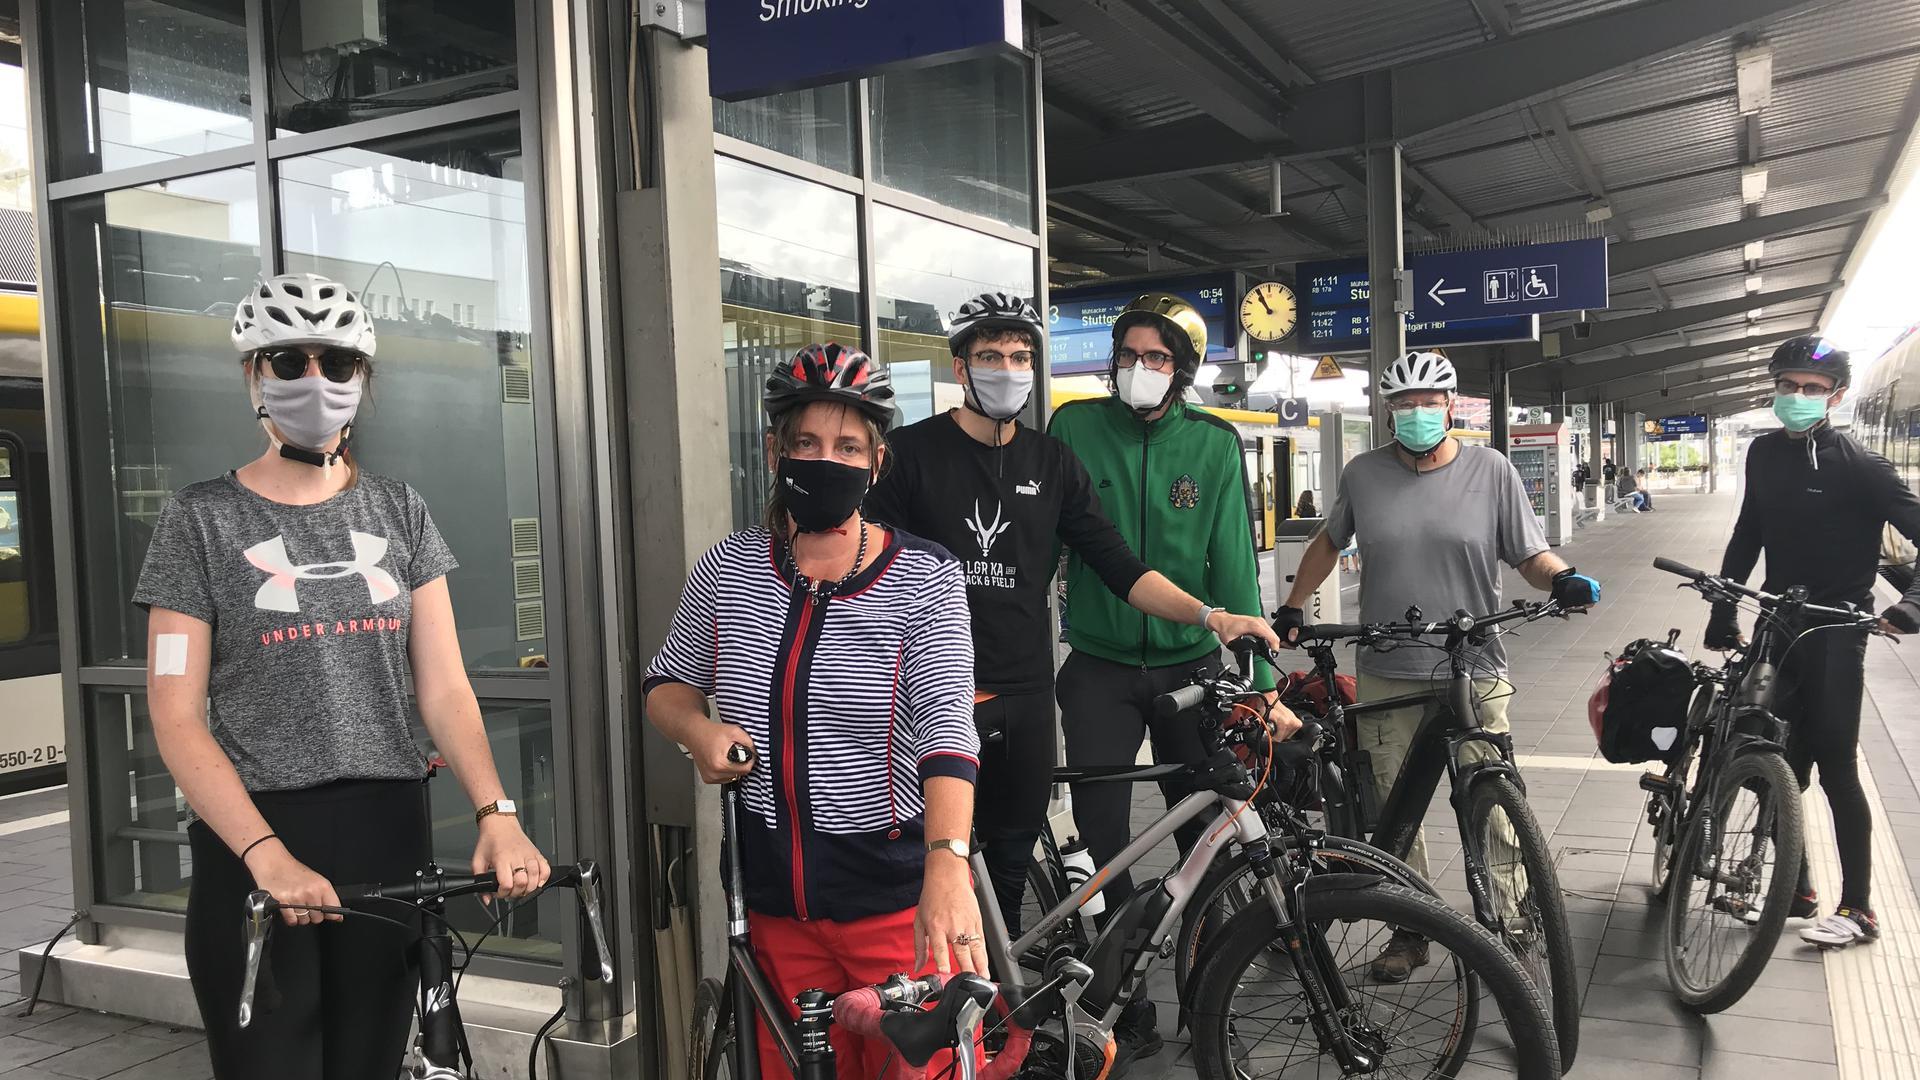 Radlergruppe Hock aus Karlsruhe am Bahnhof Pforzheim